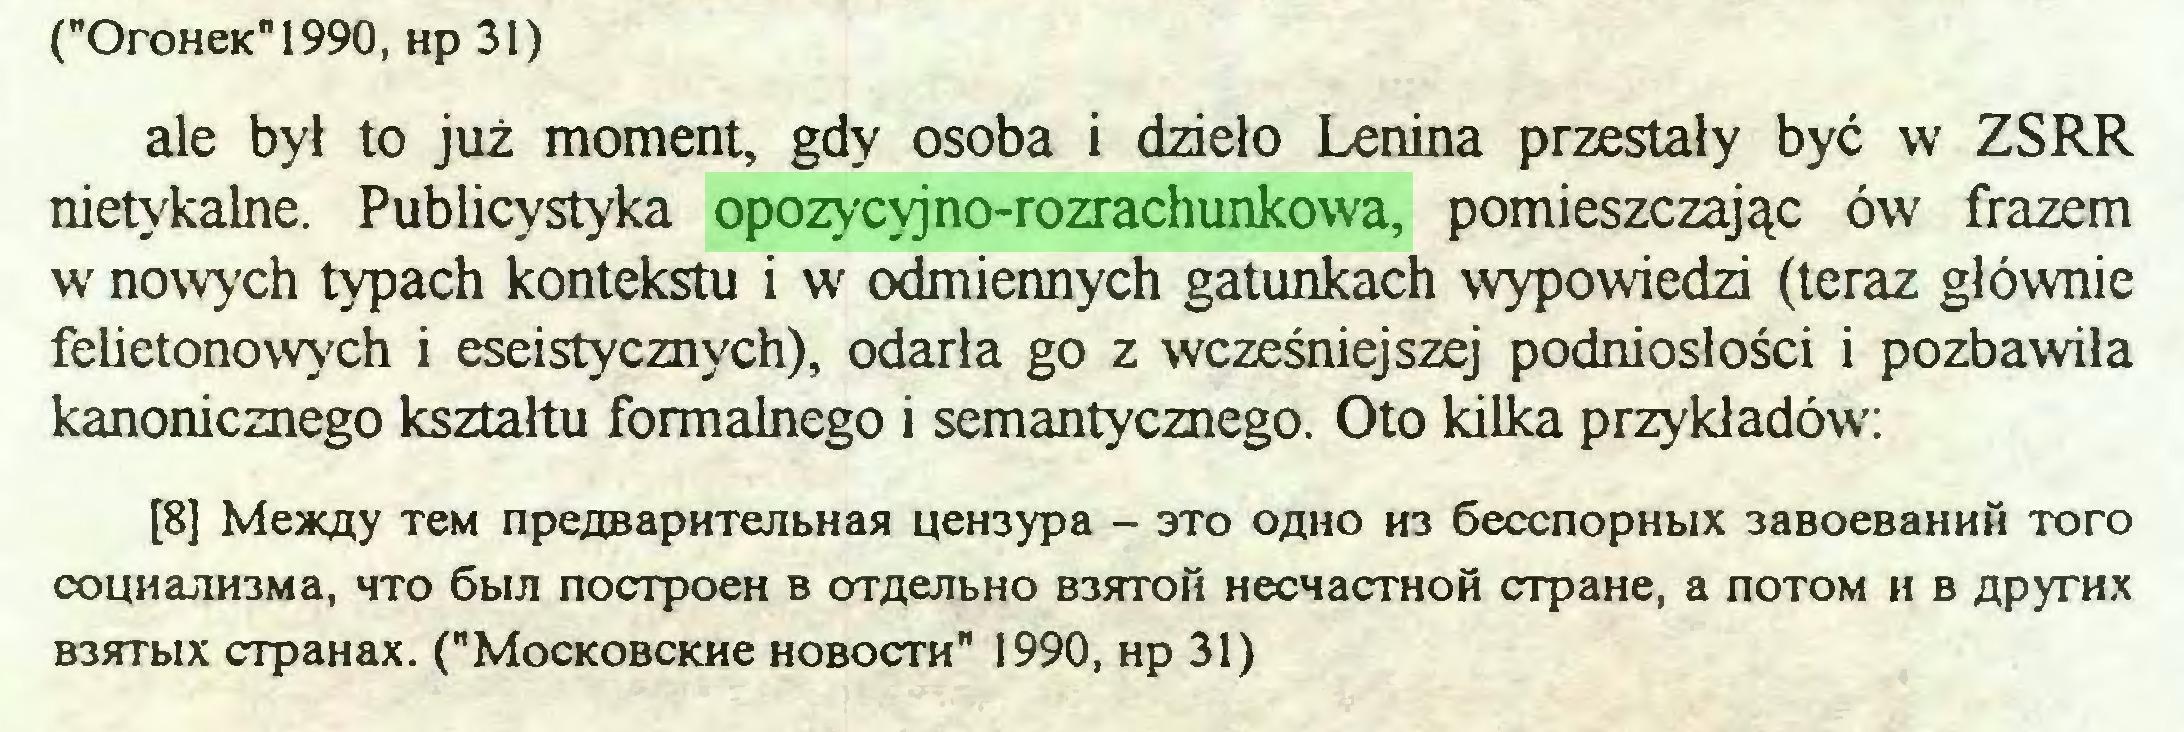 """(...) (""""OroHeKn1990, Hp31) ale był to już moment, gdy osoba i dzieło Lenina przestały być w ZSRR nietykalne. Publicystyka opozycyjno-rozrachunkowa, pomieszczając ów frazem w nowych typach kontekstu i wr odmiennych gatunkach wypowiedzi (teraz głównie felietonowych i eseistycznych), odarła go z wcześniejszej podniosłości i pozbawiła kanonicznego kształtu formalnego i semantycznego. Oto kilka przykładów: [8] Meacny TeM npeaBapHTejibHaa ueH3ypa - 3TO ohho H3 6eccnopHbix 3aBoeBannfi Toro couHajiH3Ma, hto 6biJi nocrpoeH b omejibHO b3btoh HecMacrHOH crpaHe, a noTOM h b npyrHX B3srrbix crpaHax. (""""Mockobckhc hobocth"""" 1990, Hp 31)..."""